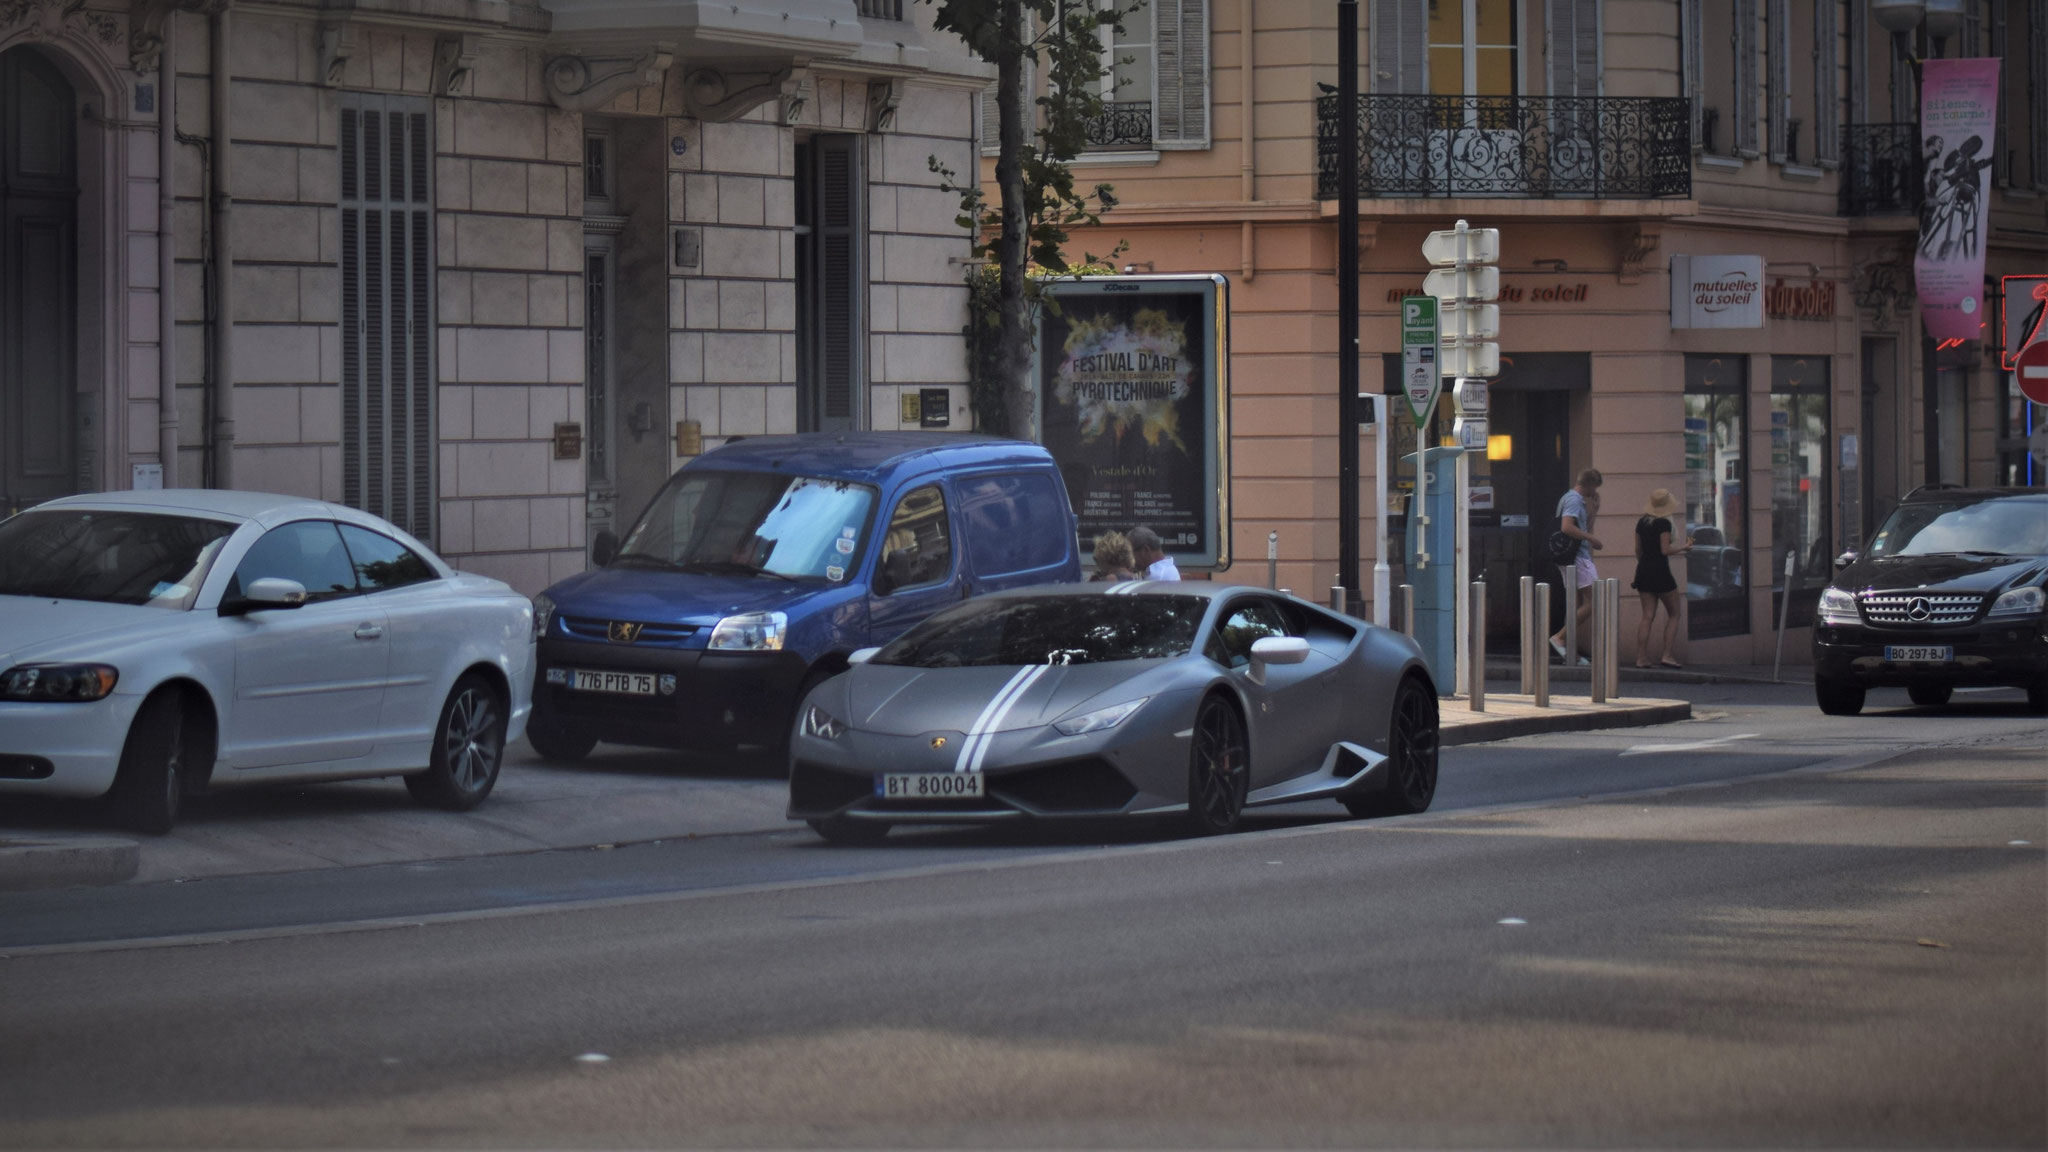 Lamborghini Huracan Avio (1of250) - BT-80004 (NOR)